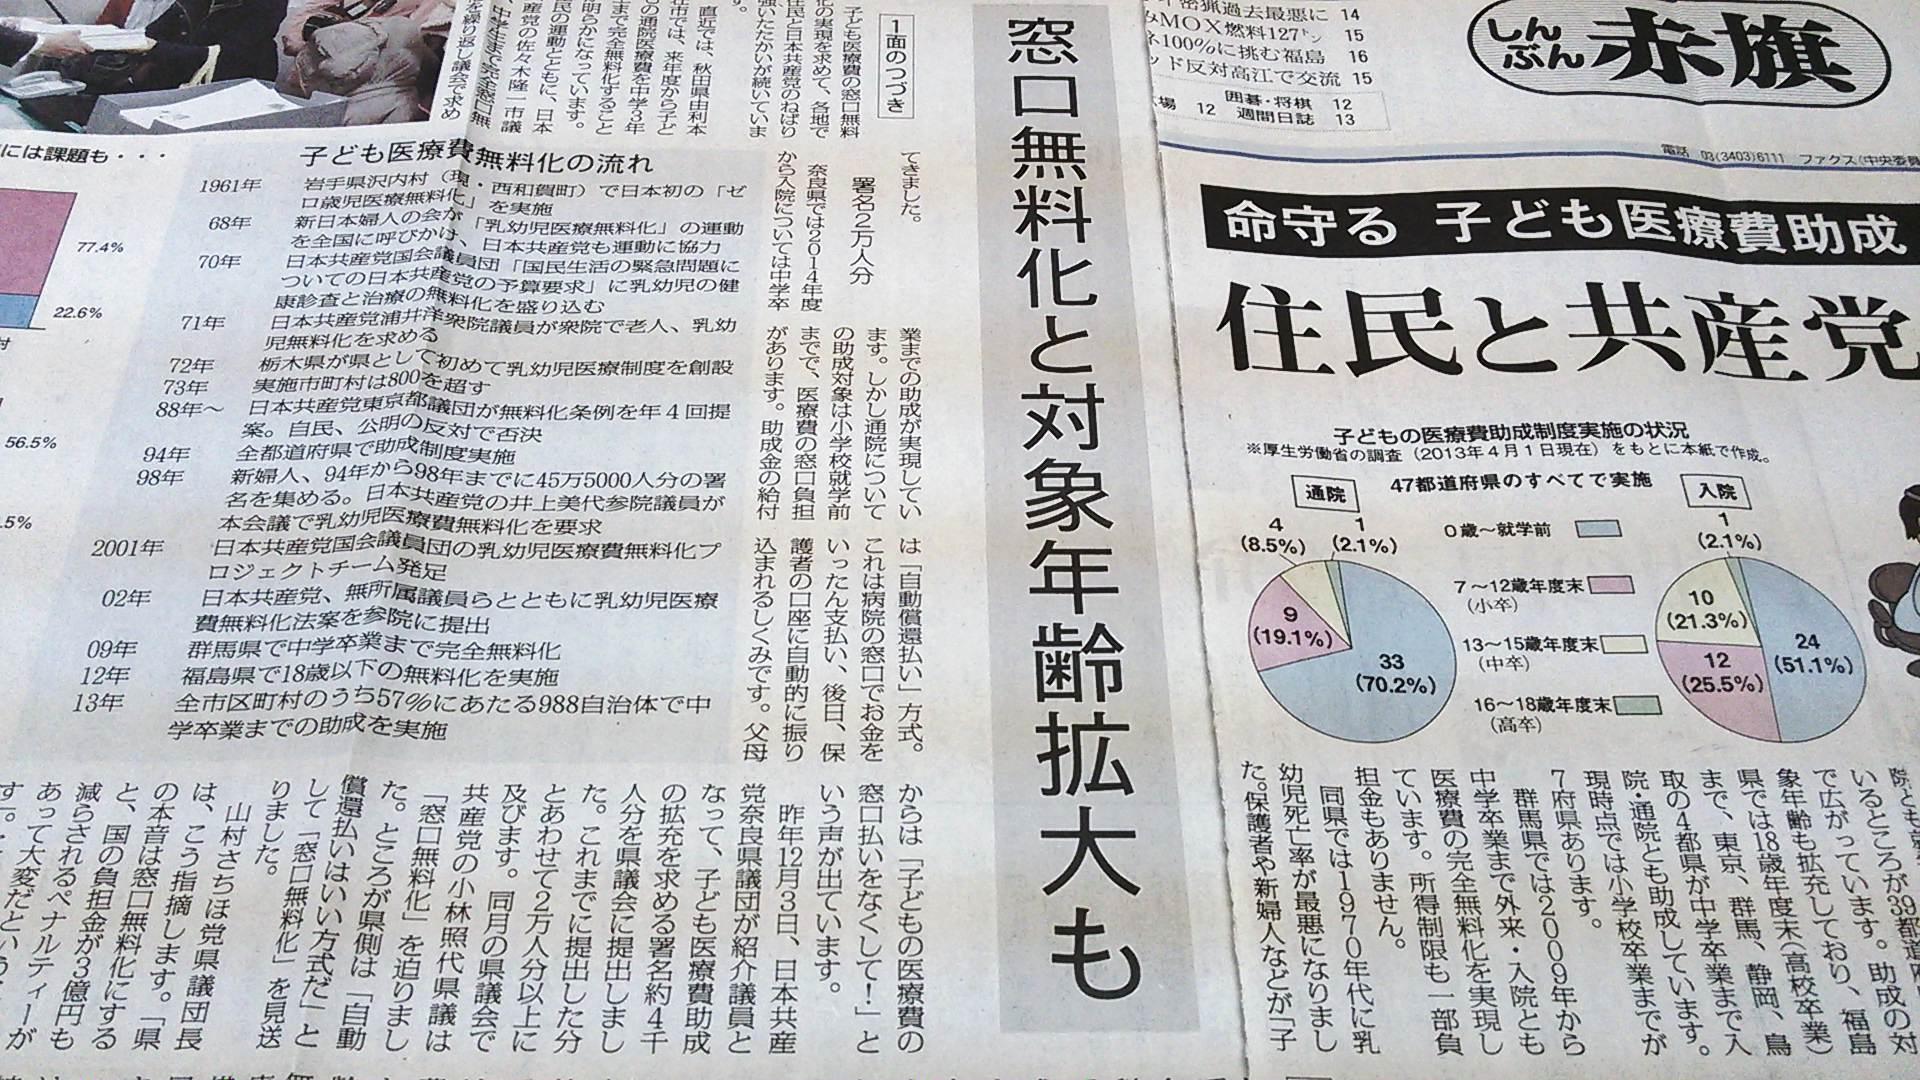 泉大津市議会の第1回定例会がはじまりました。